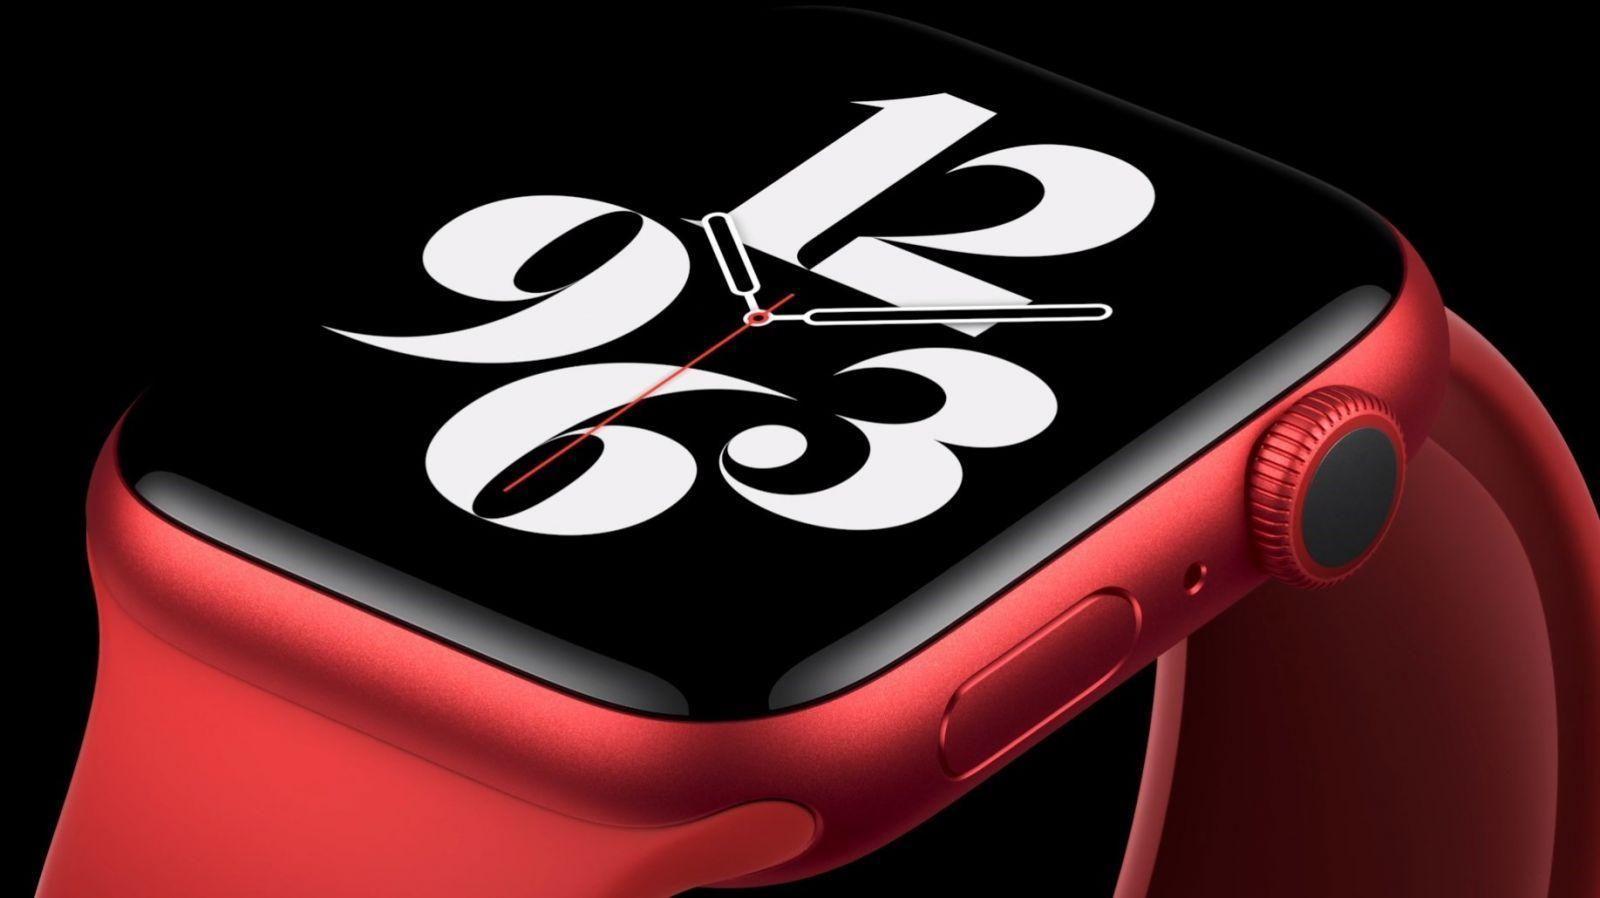 Первый взгляд: обзор Apple Watch series 6 cо сканером кислорода в крови (lcimg ba423132 03db 437f b9cd 0ff342b3e22b large)